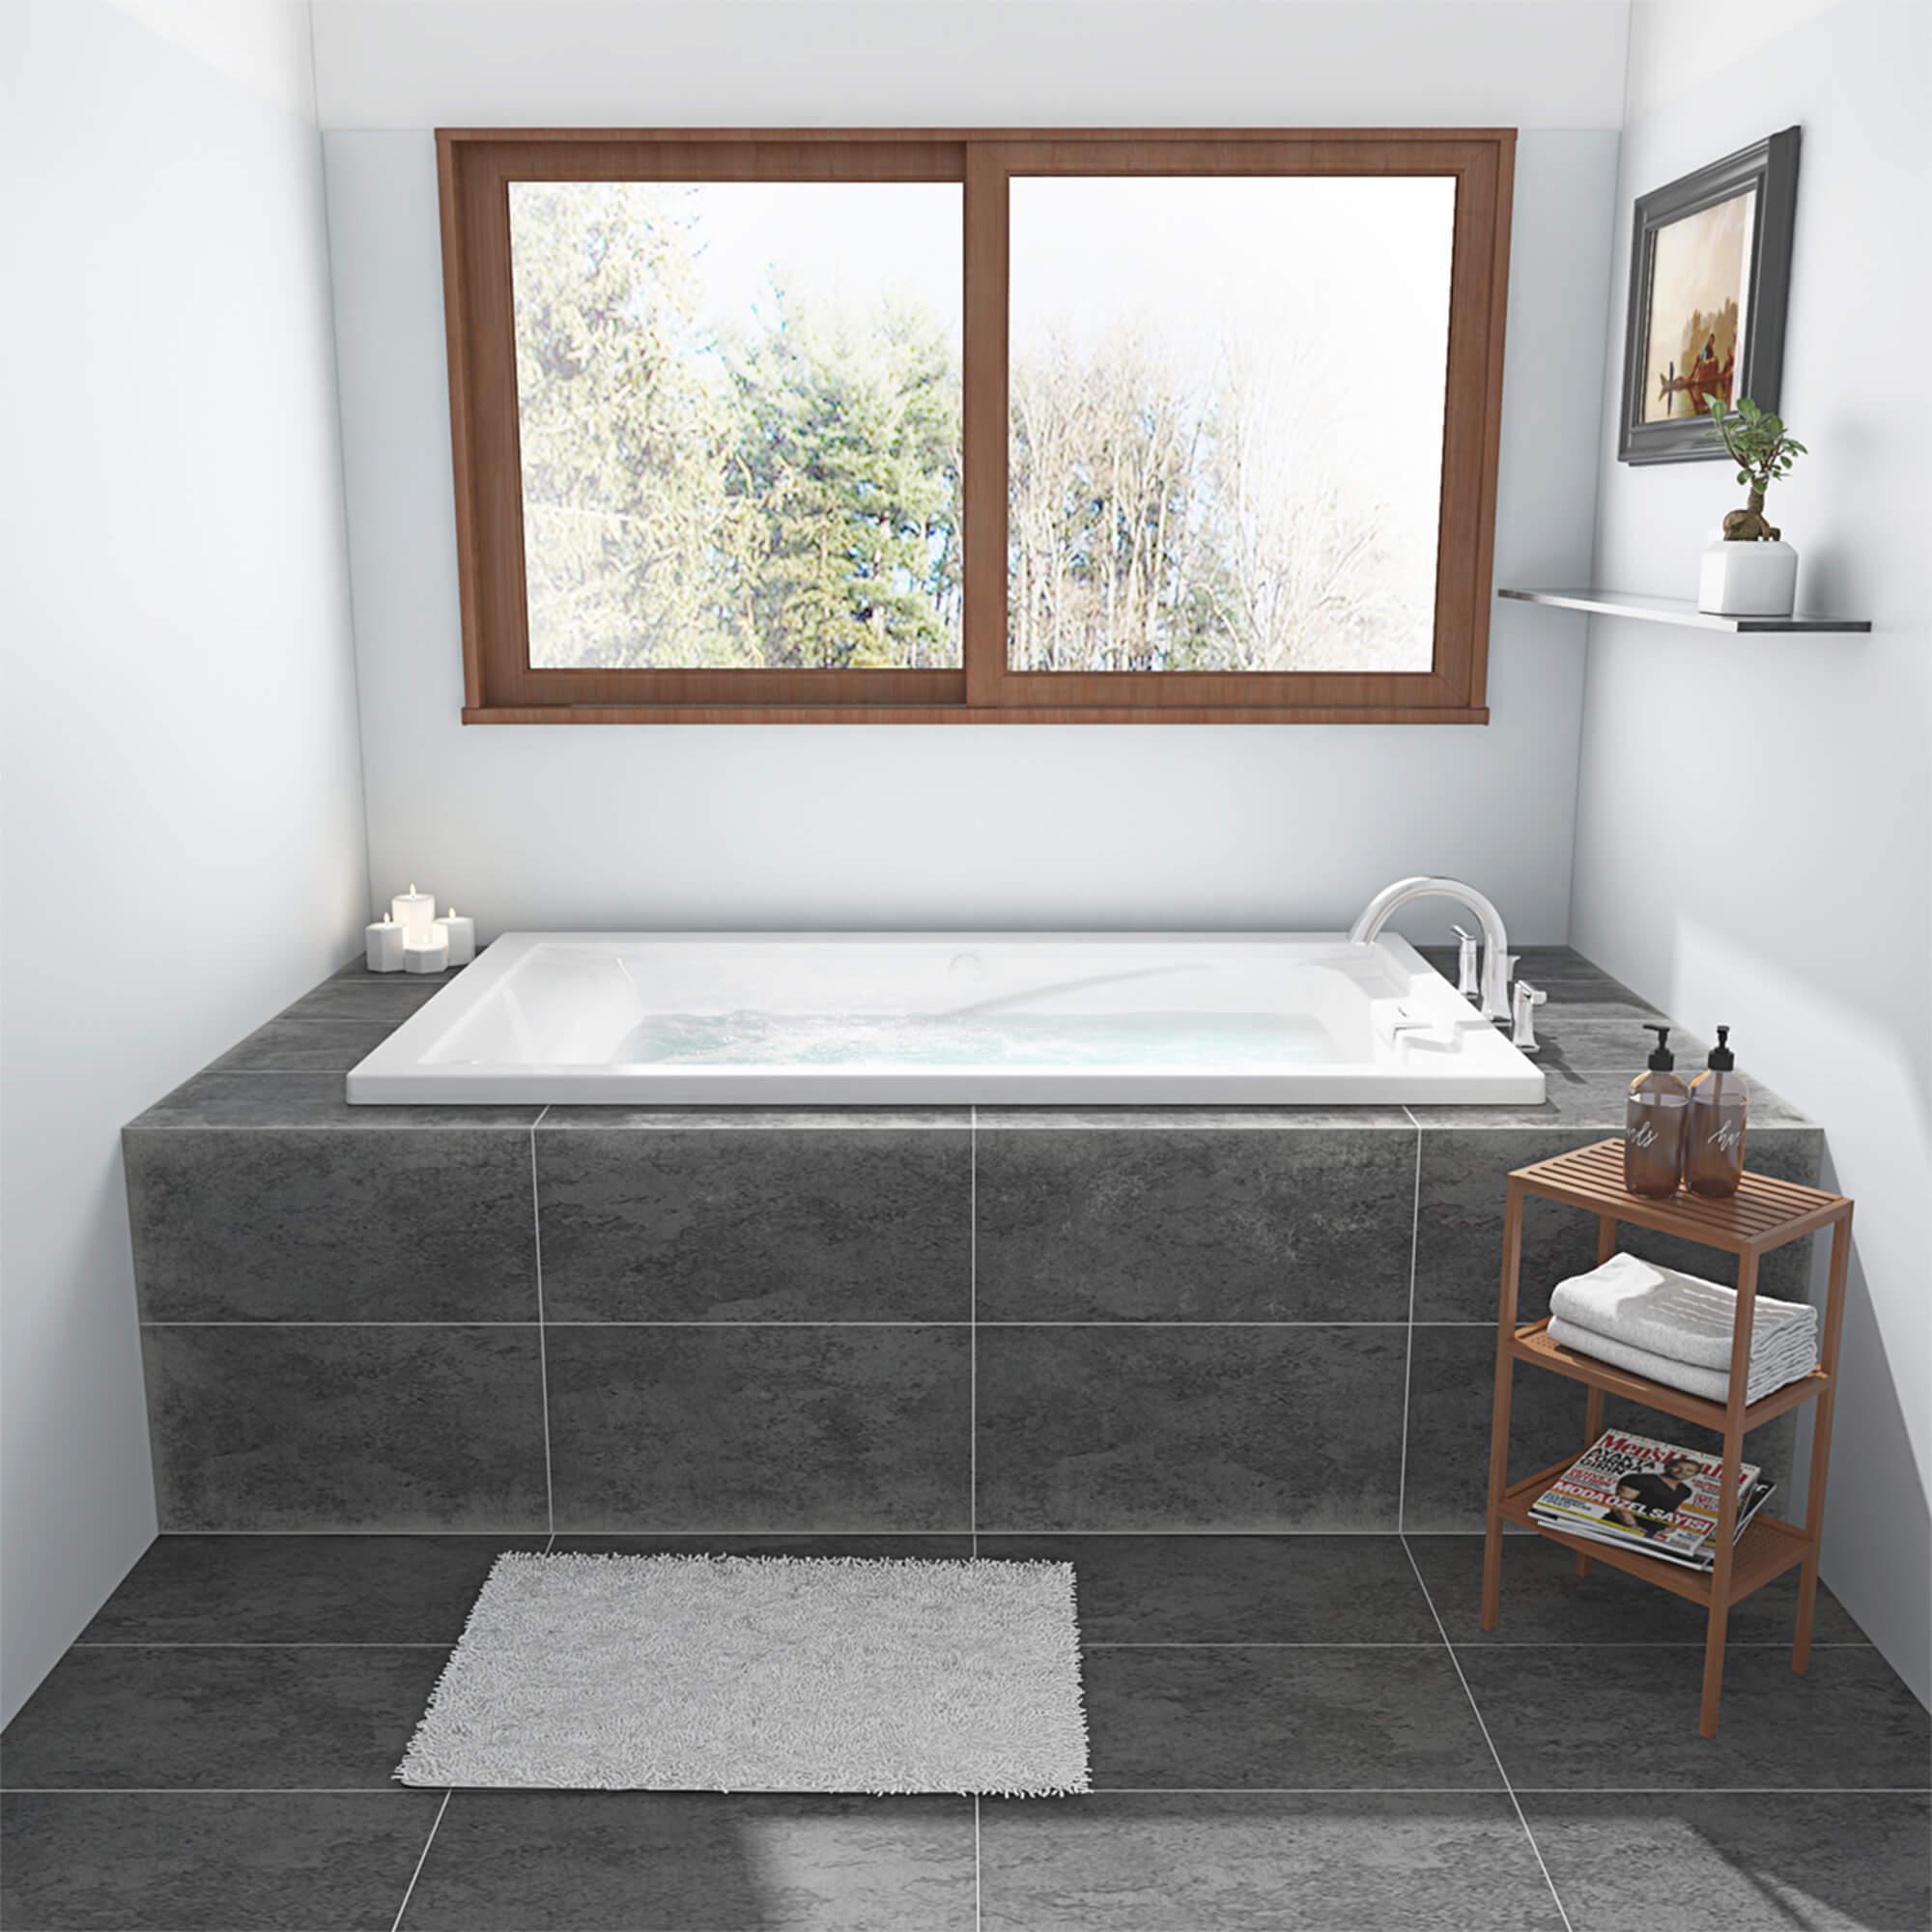 Everclean Bathtub